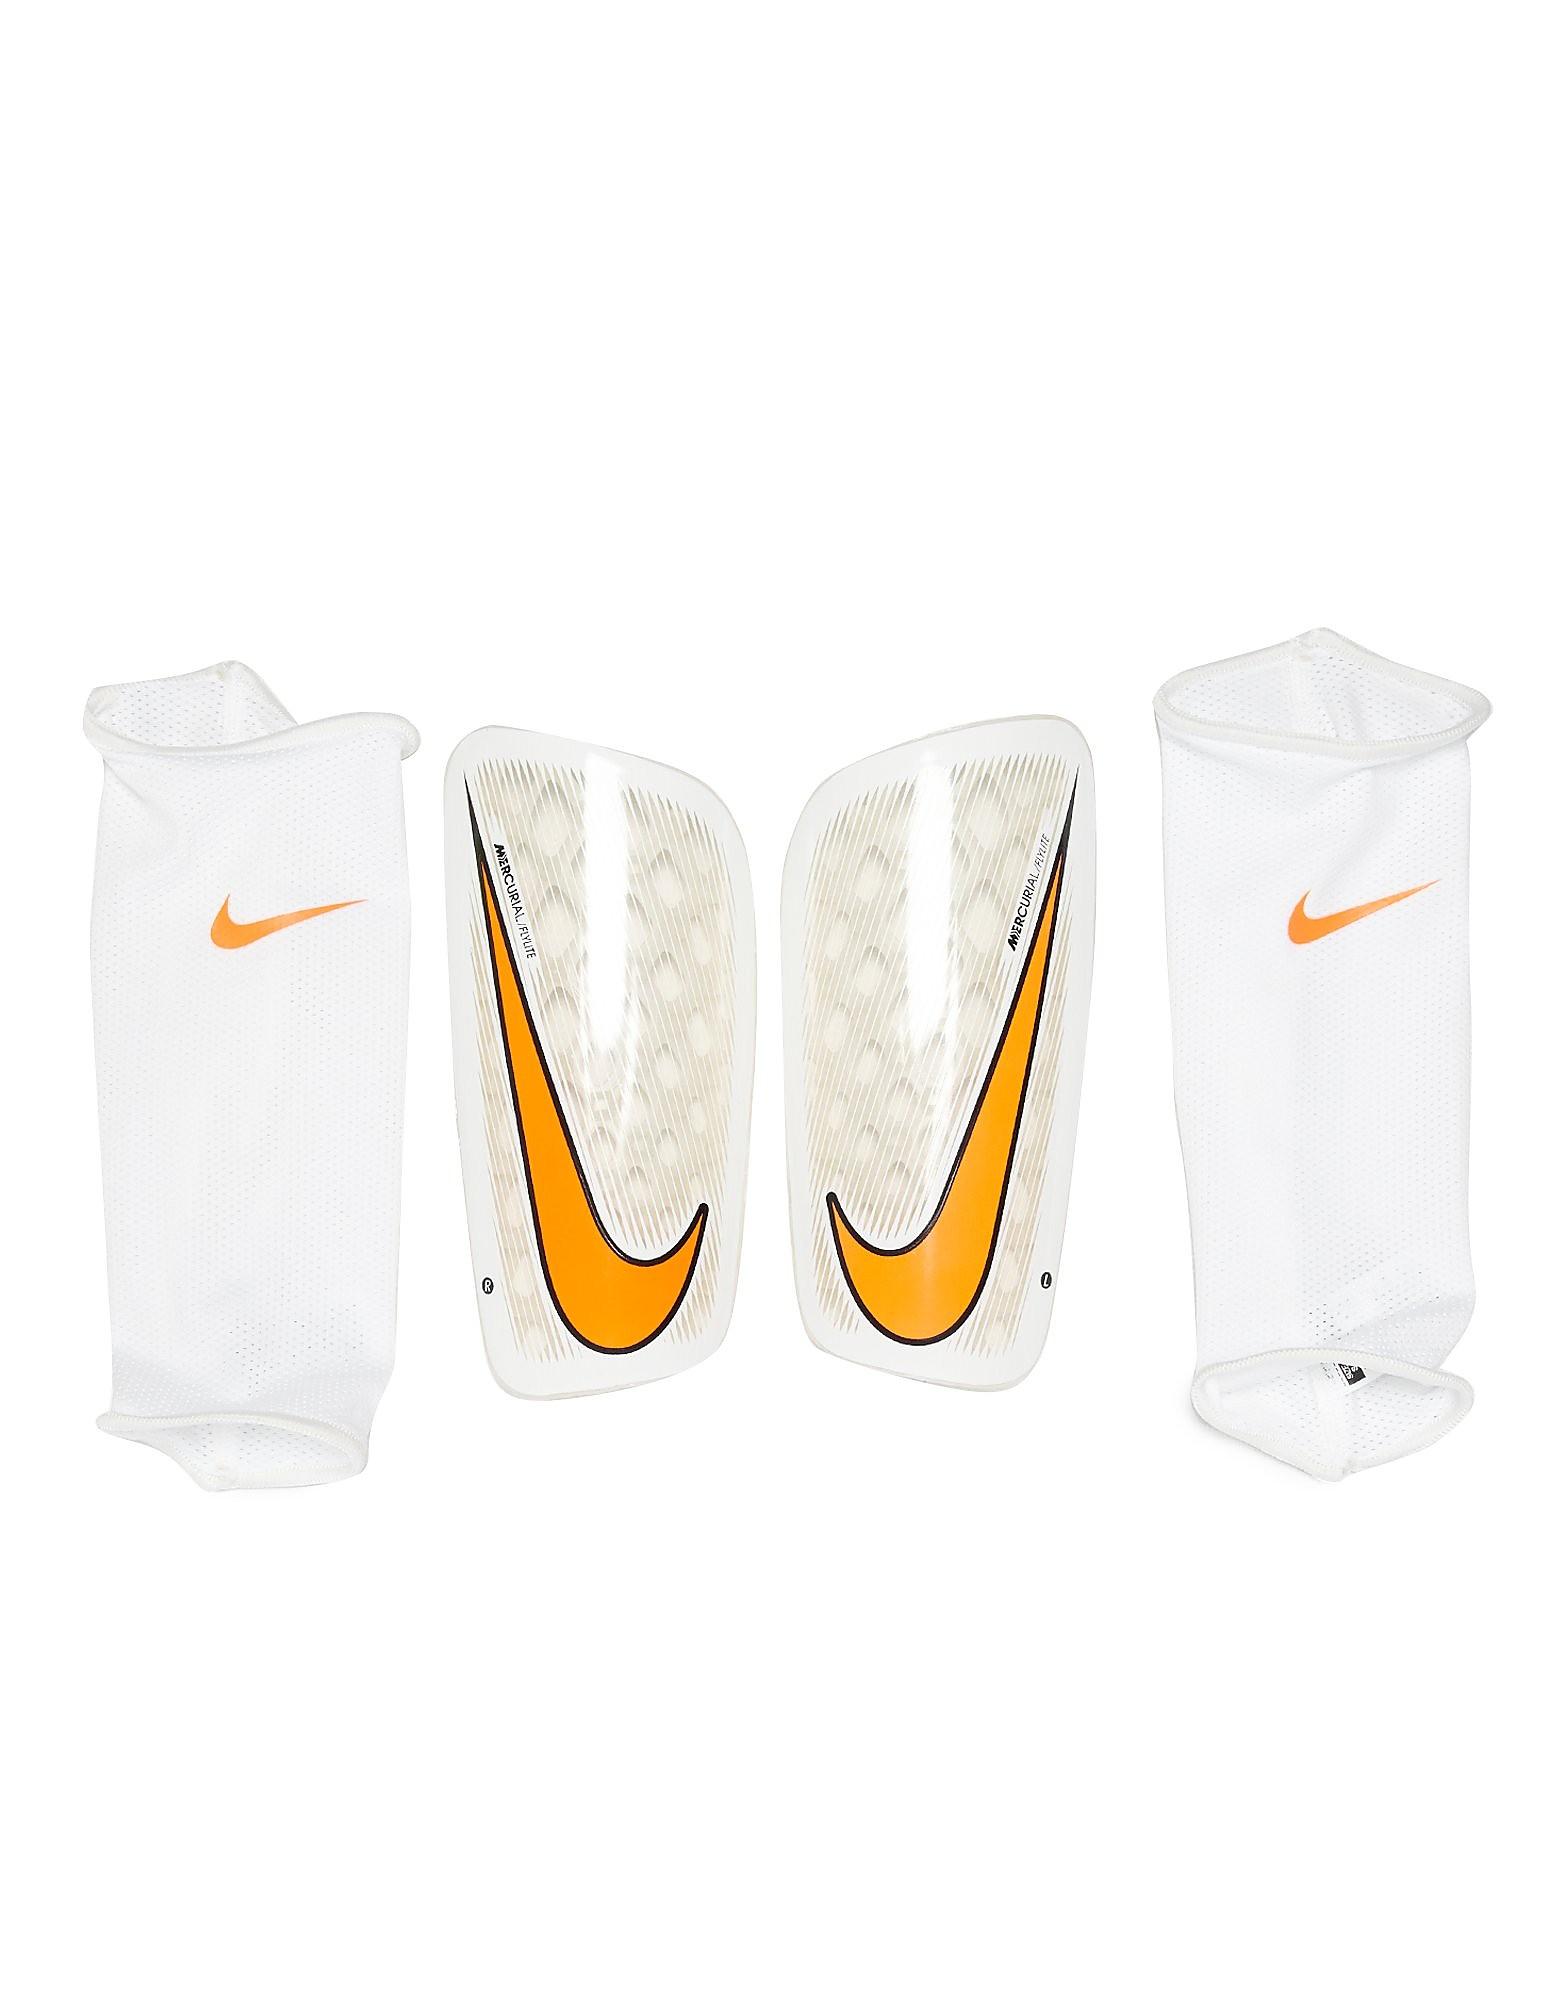 Nike Mercurial Flylite Shin Pads